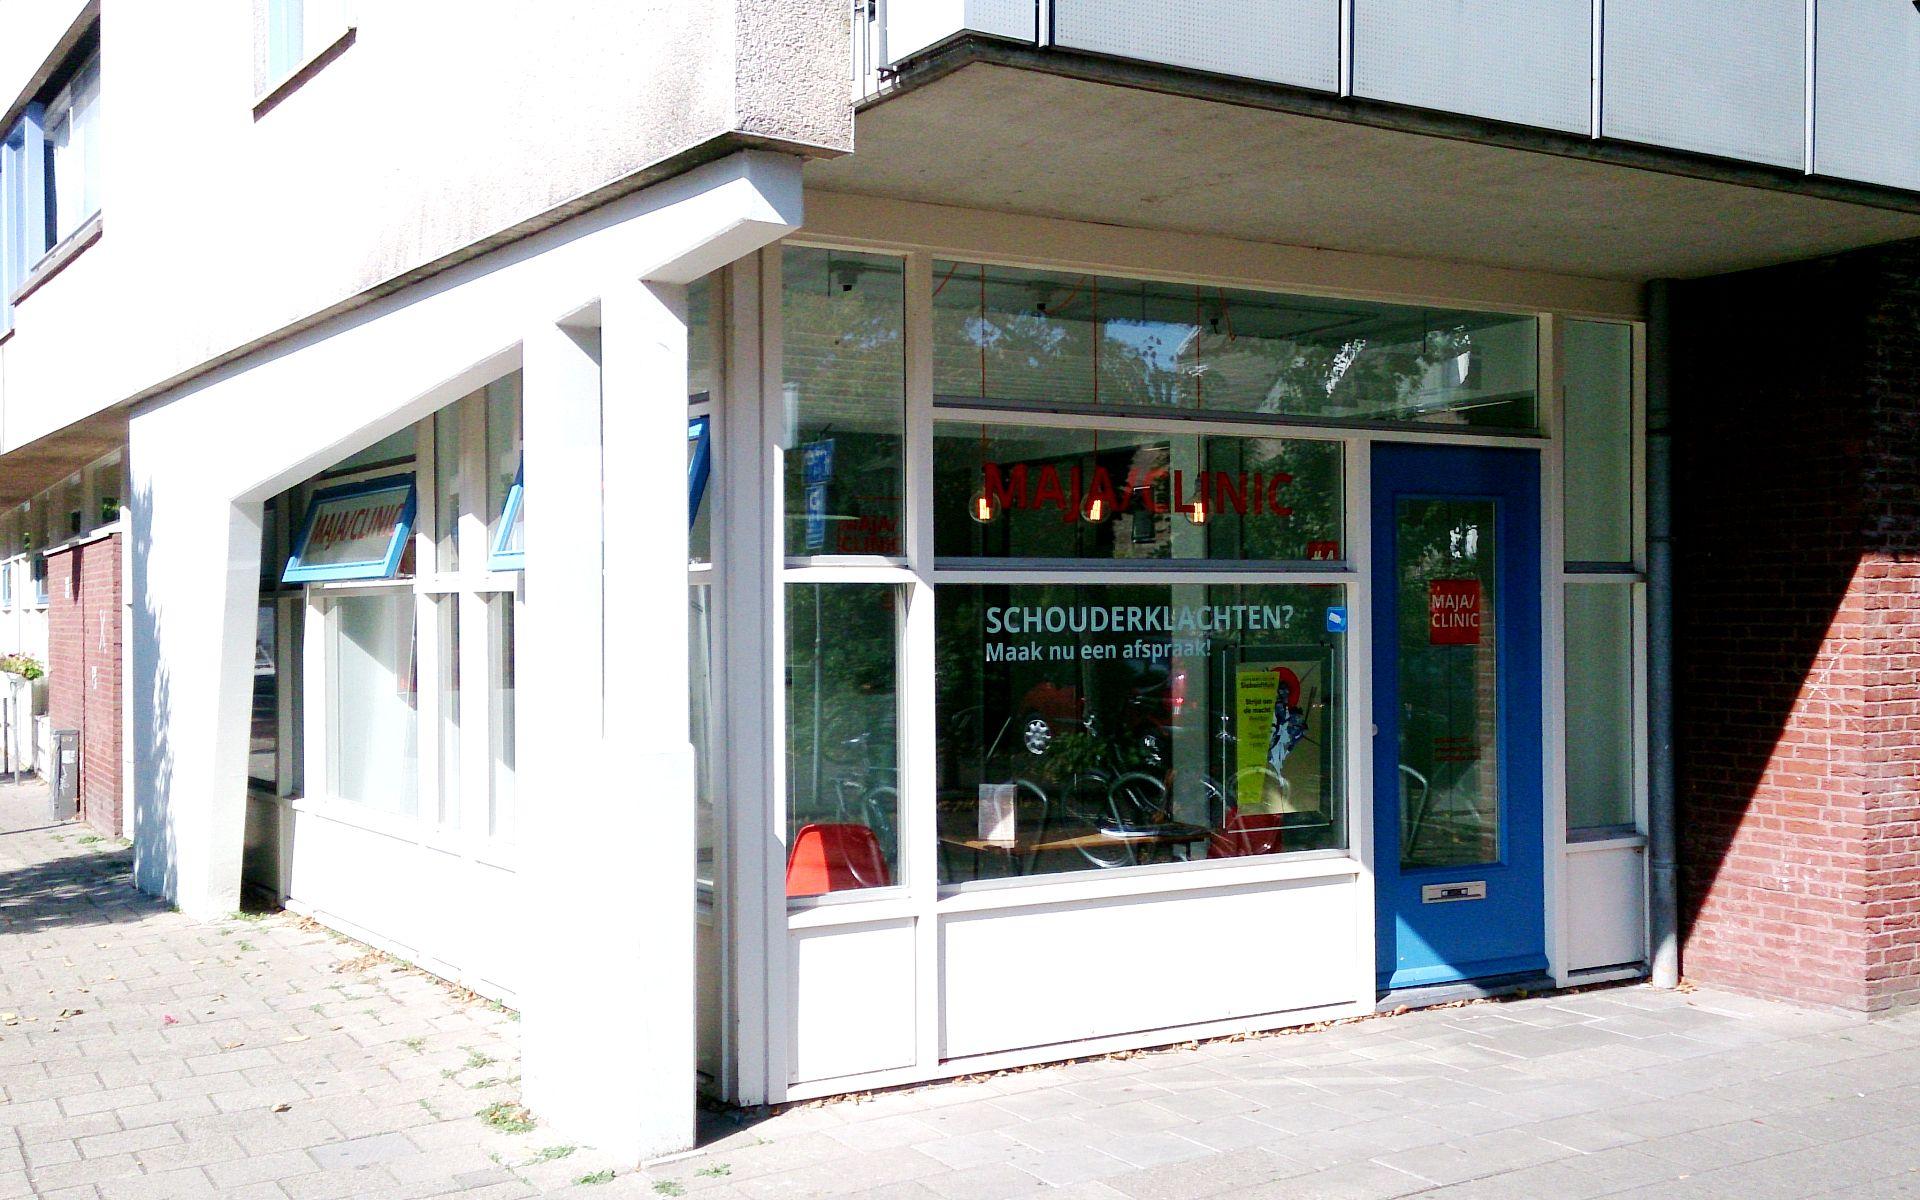 Ir. Driessenstraat 94H, 2312 KZ Leiden, Nederland